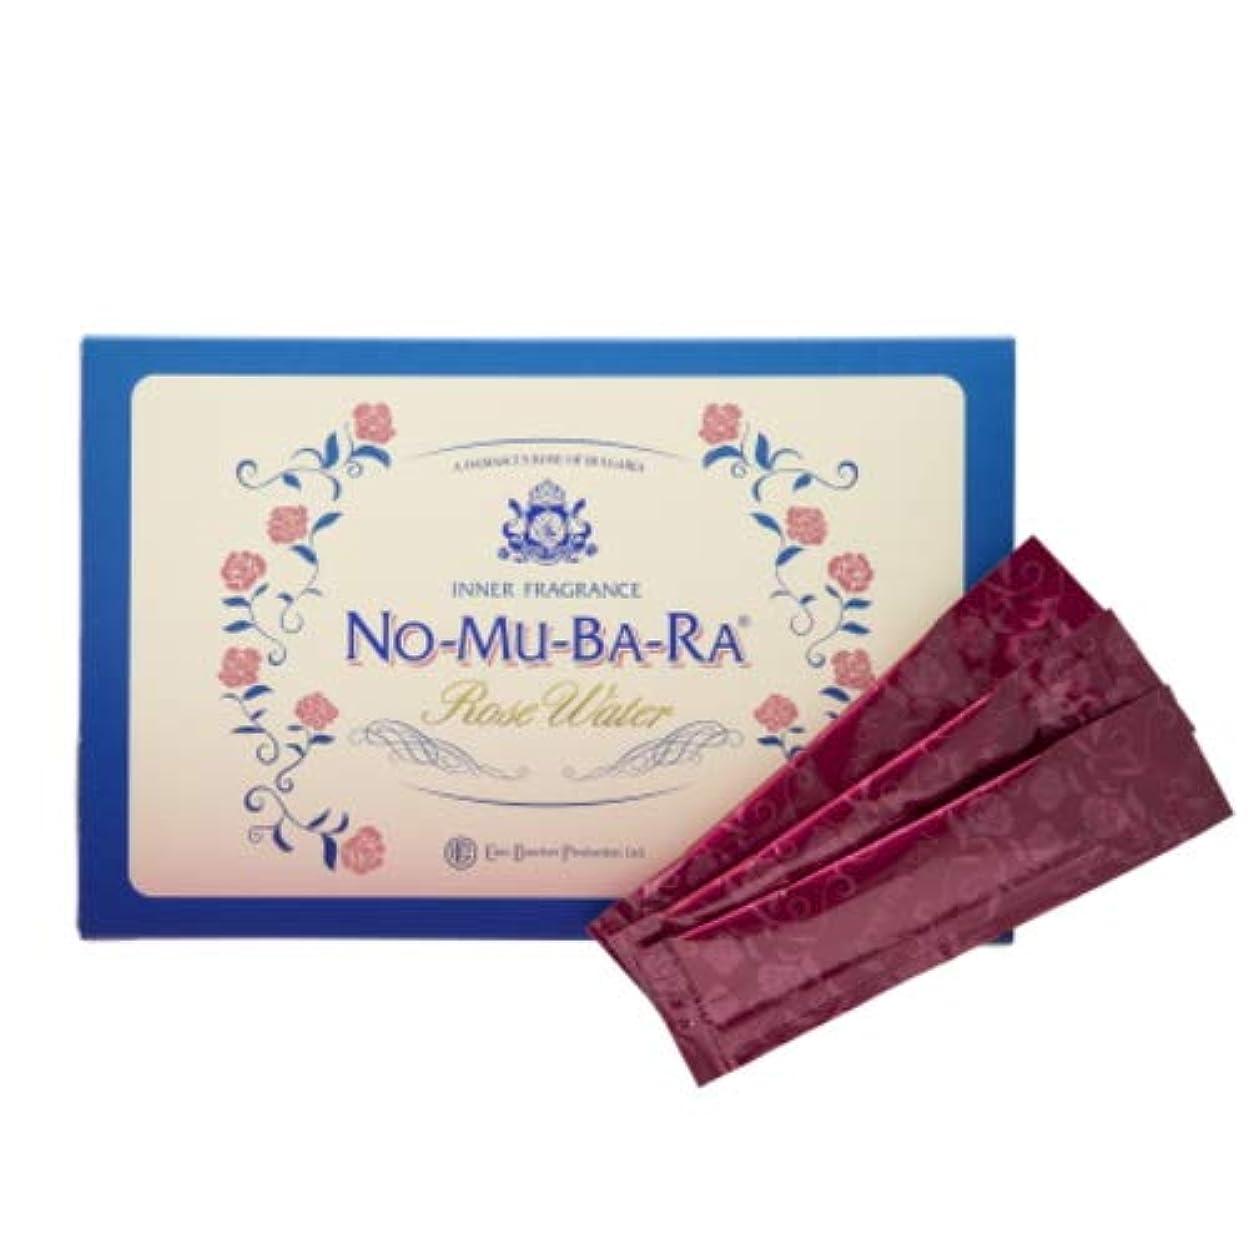 今晩フィラデルフィア宿NO-MU-BA-RA NO-MU-BA-RA(ノムバラ)(35包入)【モンドセレクション受賞】